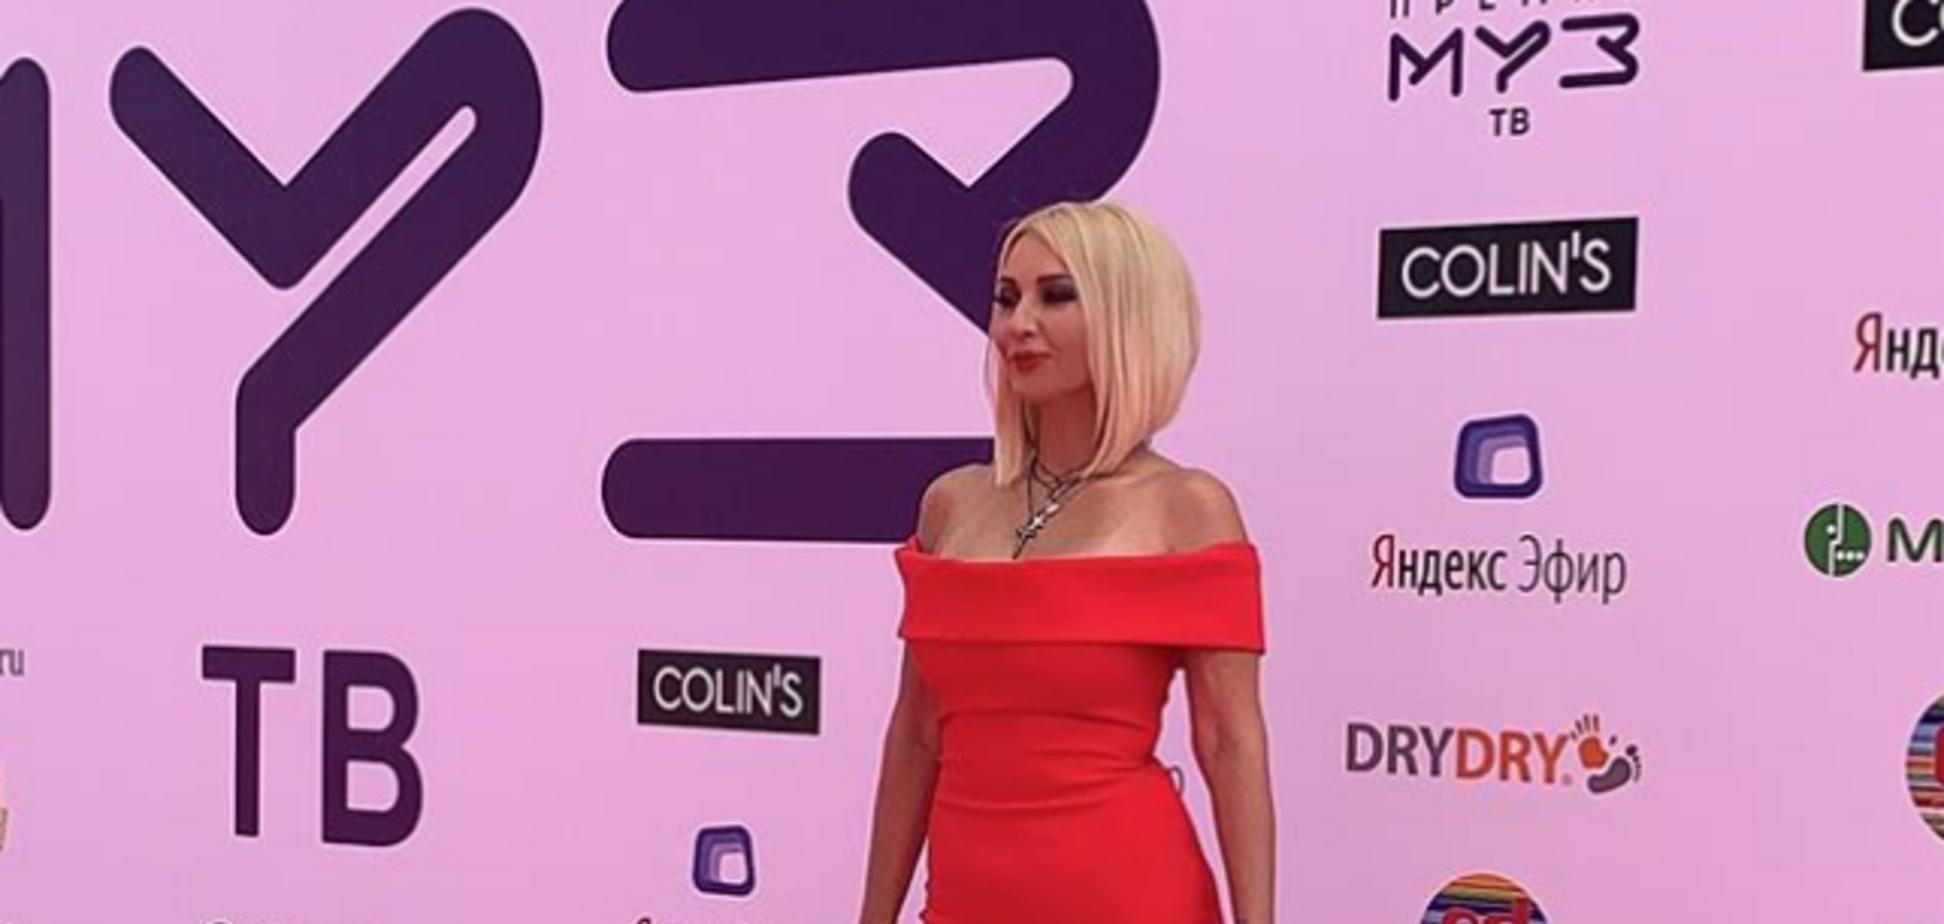 У российской звезды лопнула силиконовая грудь: врач дал прогноз